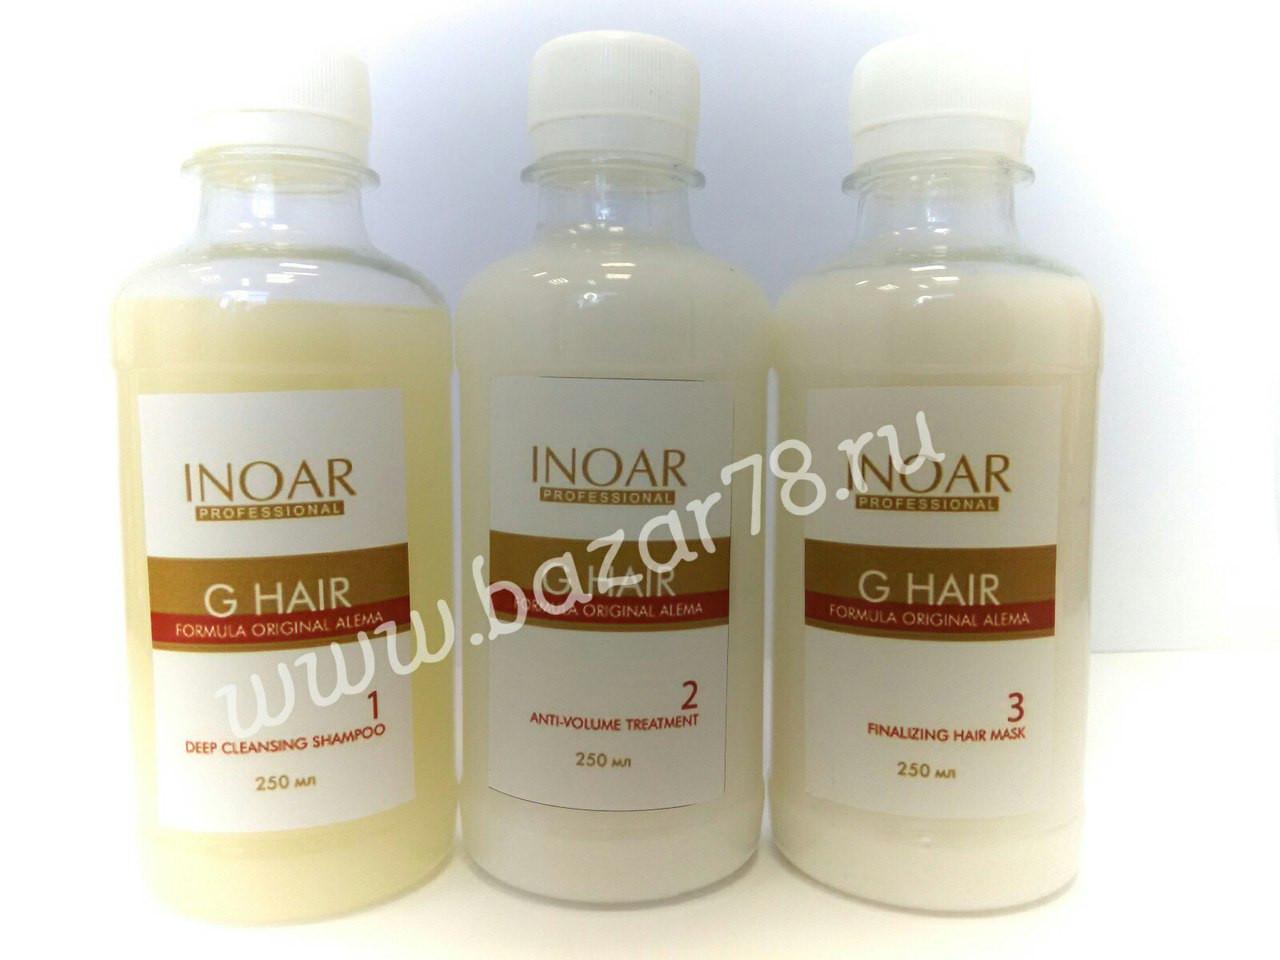 Набор(разлив) INOAR G-Hair Кератин 250 мл  Шампунь 250 мл Маска 250 мл